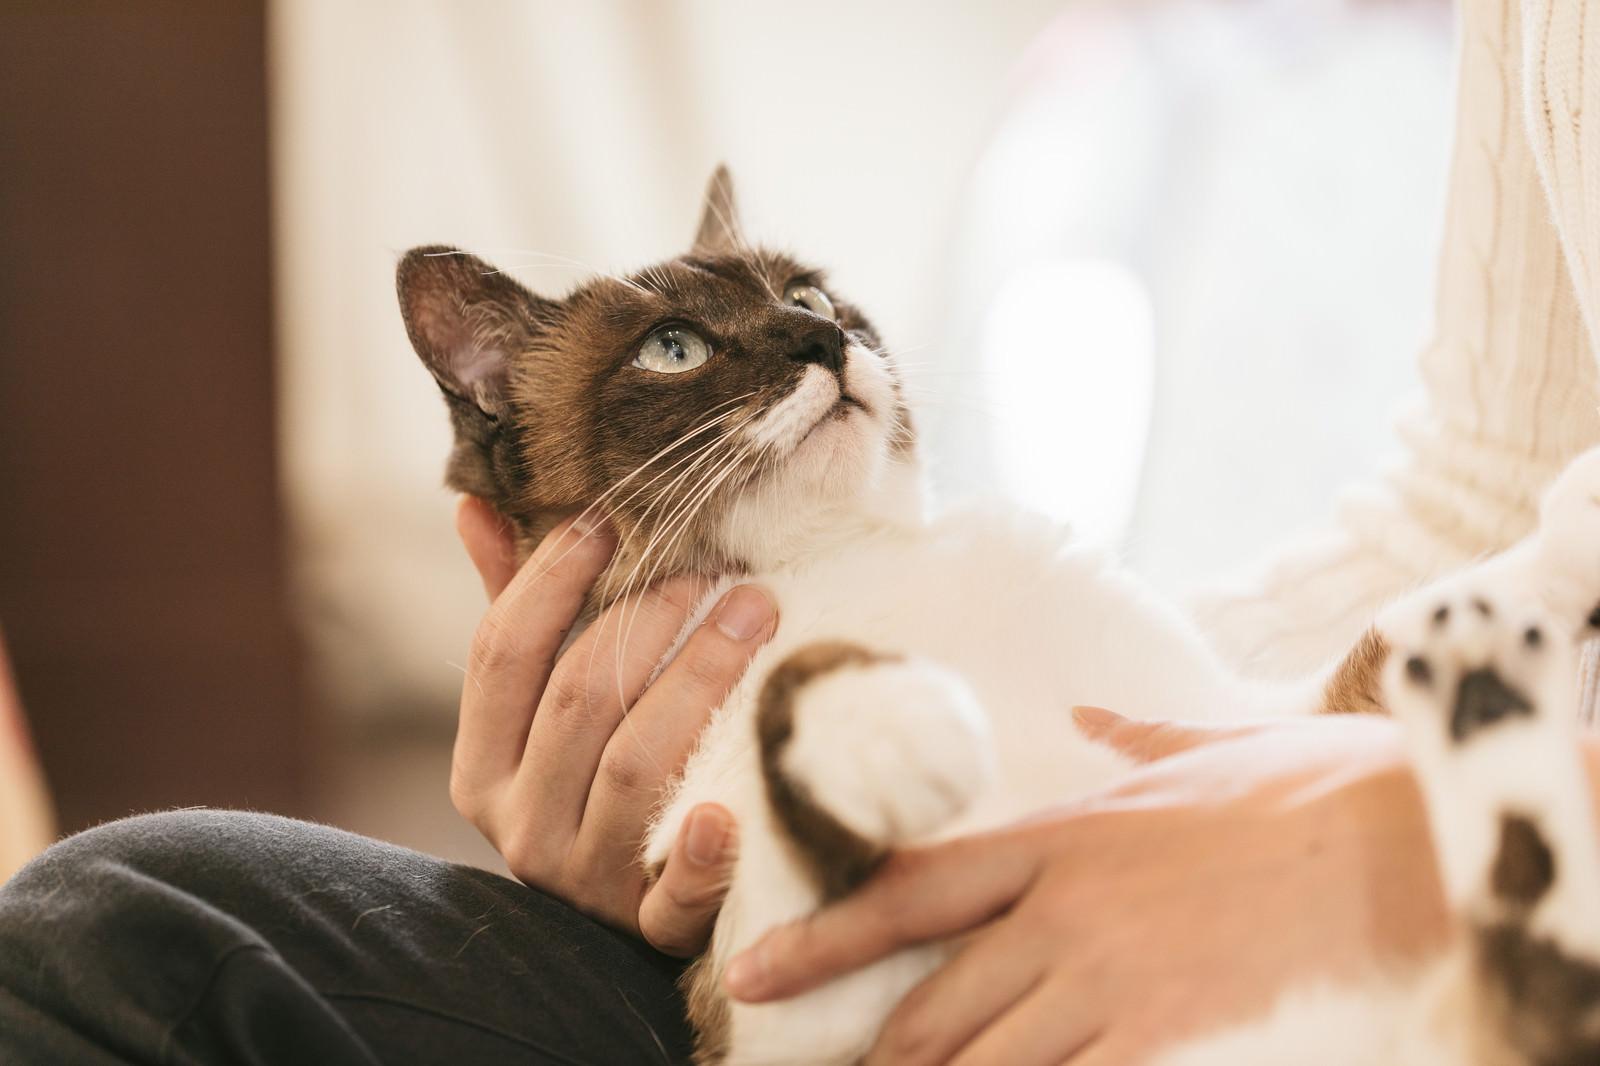 「おとなしく抱かれる猫おとなしく抱かれる猫」のフリー写真素材を拡大